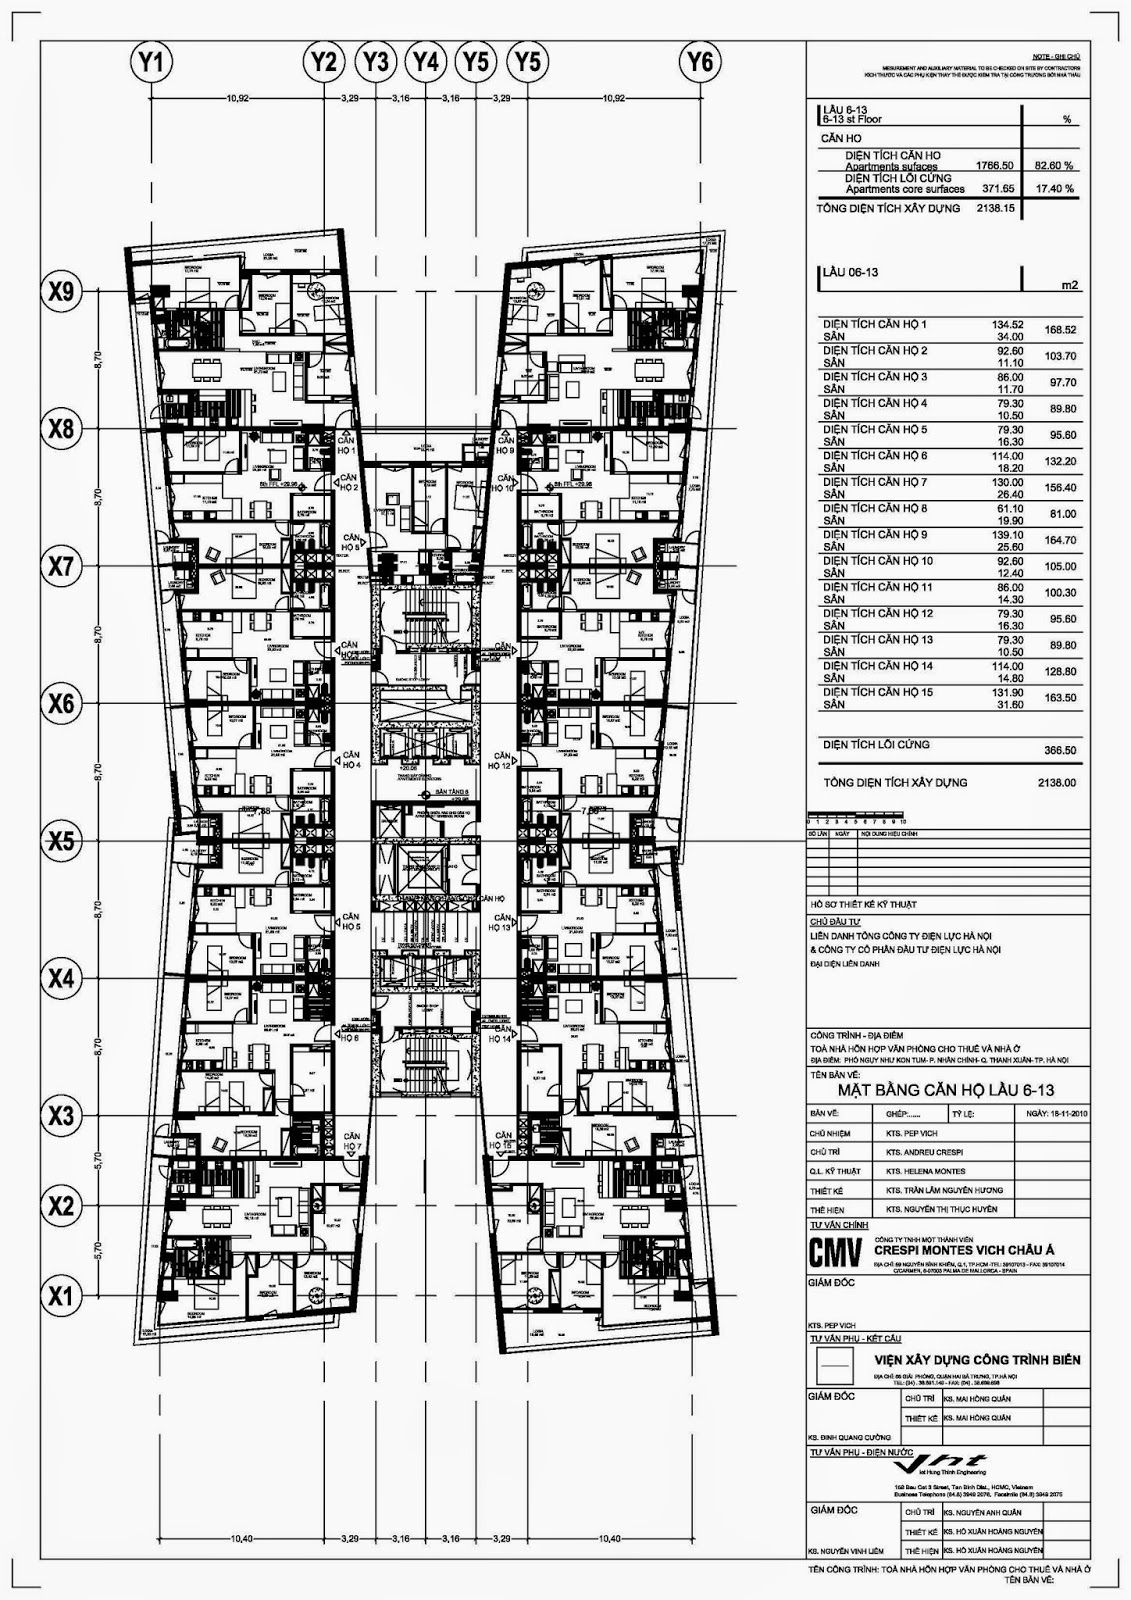 nhadatviet.org chung cư điện lực sơ đồ mặt bằng